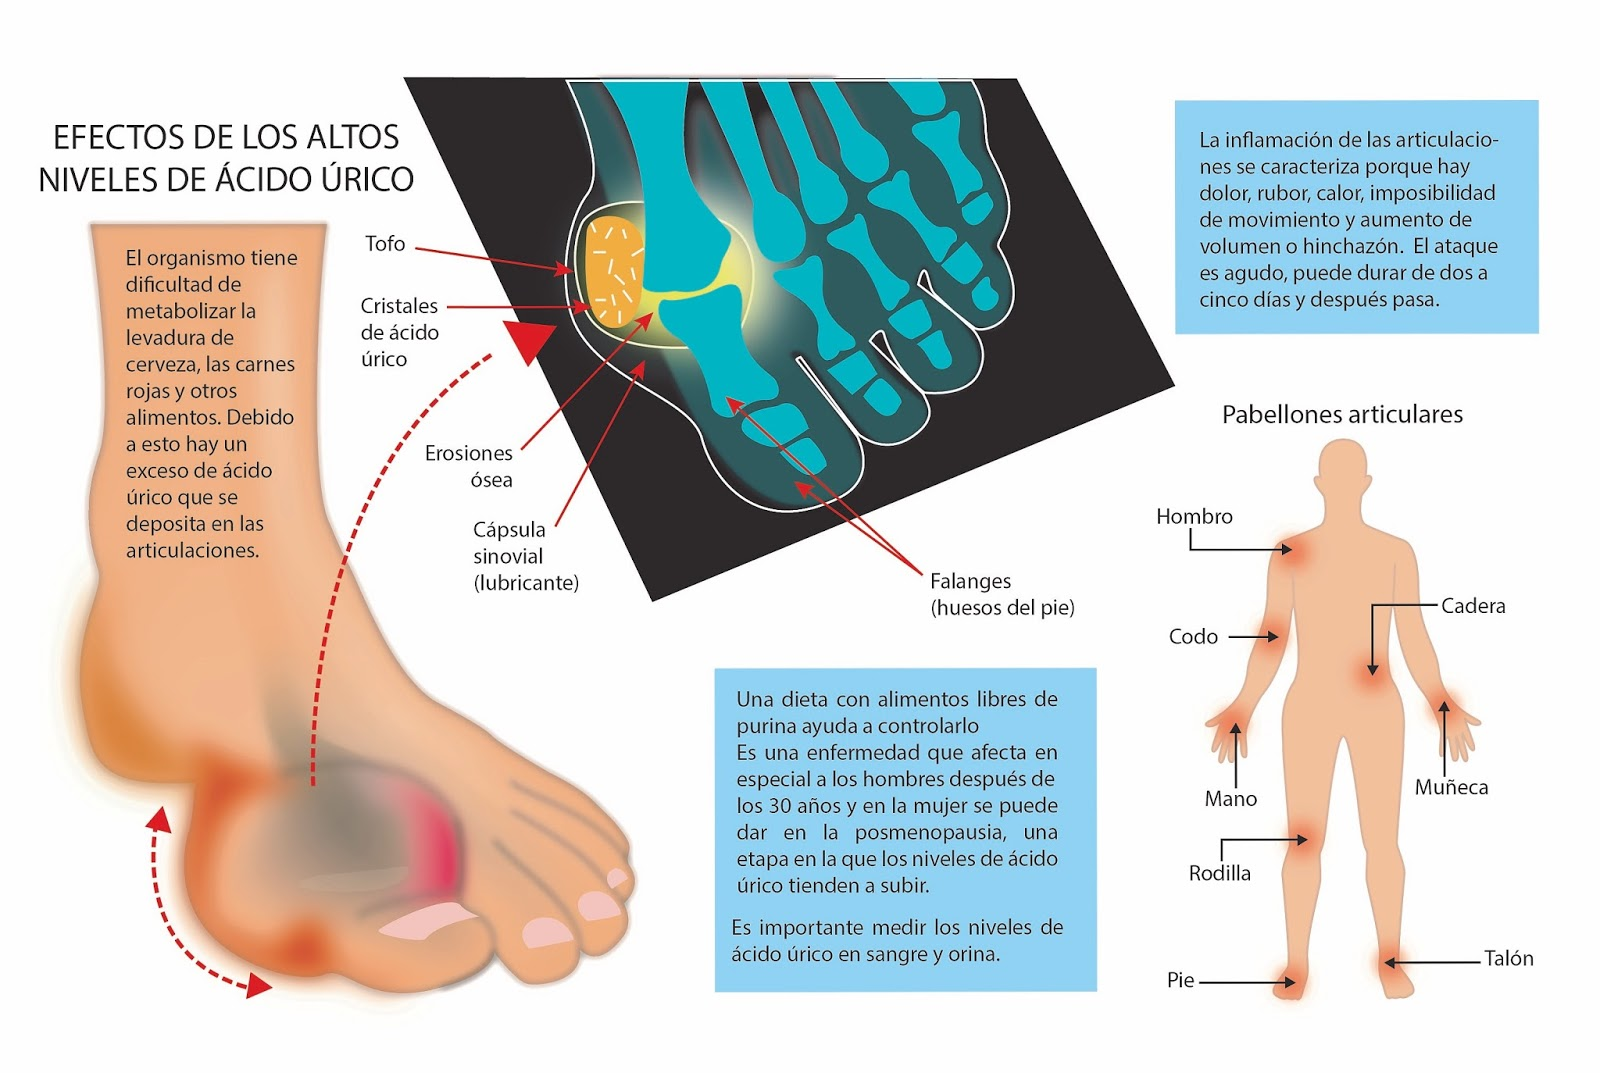 Anemia y acido urico alto acidi urici alti gravidanza remedios para el acido urico en codos - Alimentos que ayudan a eliminar el acido urico ...